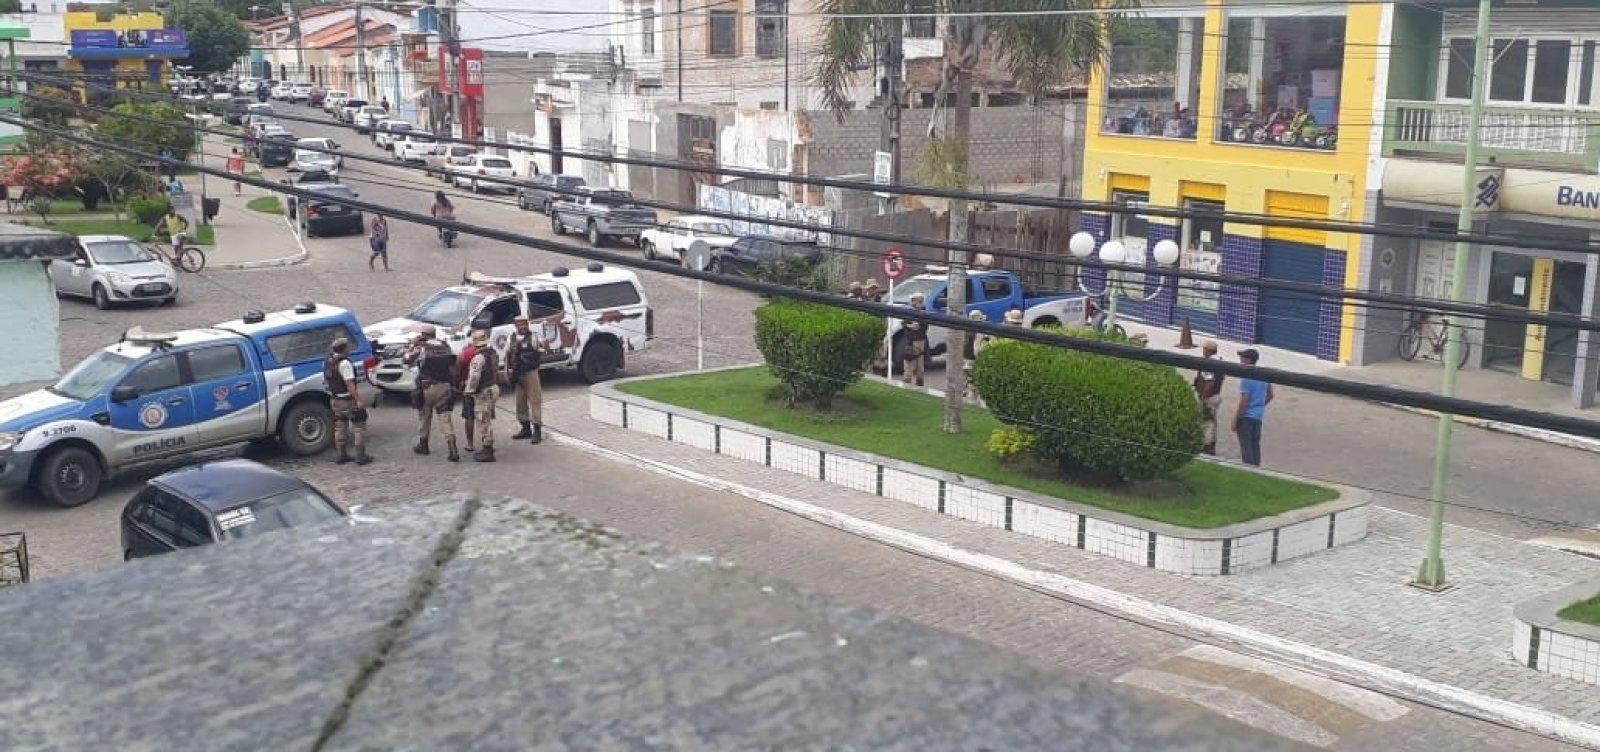 [Polícia impede assalto com reféns em banco na cidade de Muritiba]